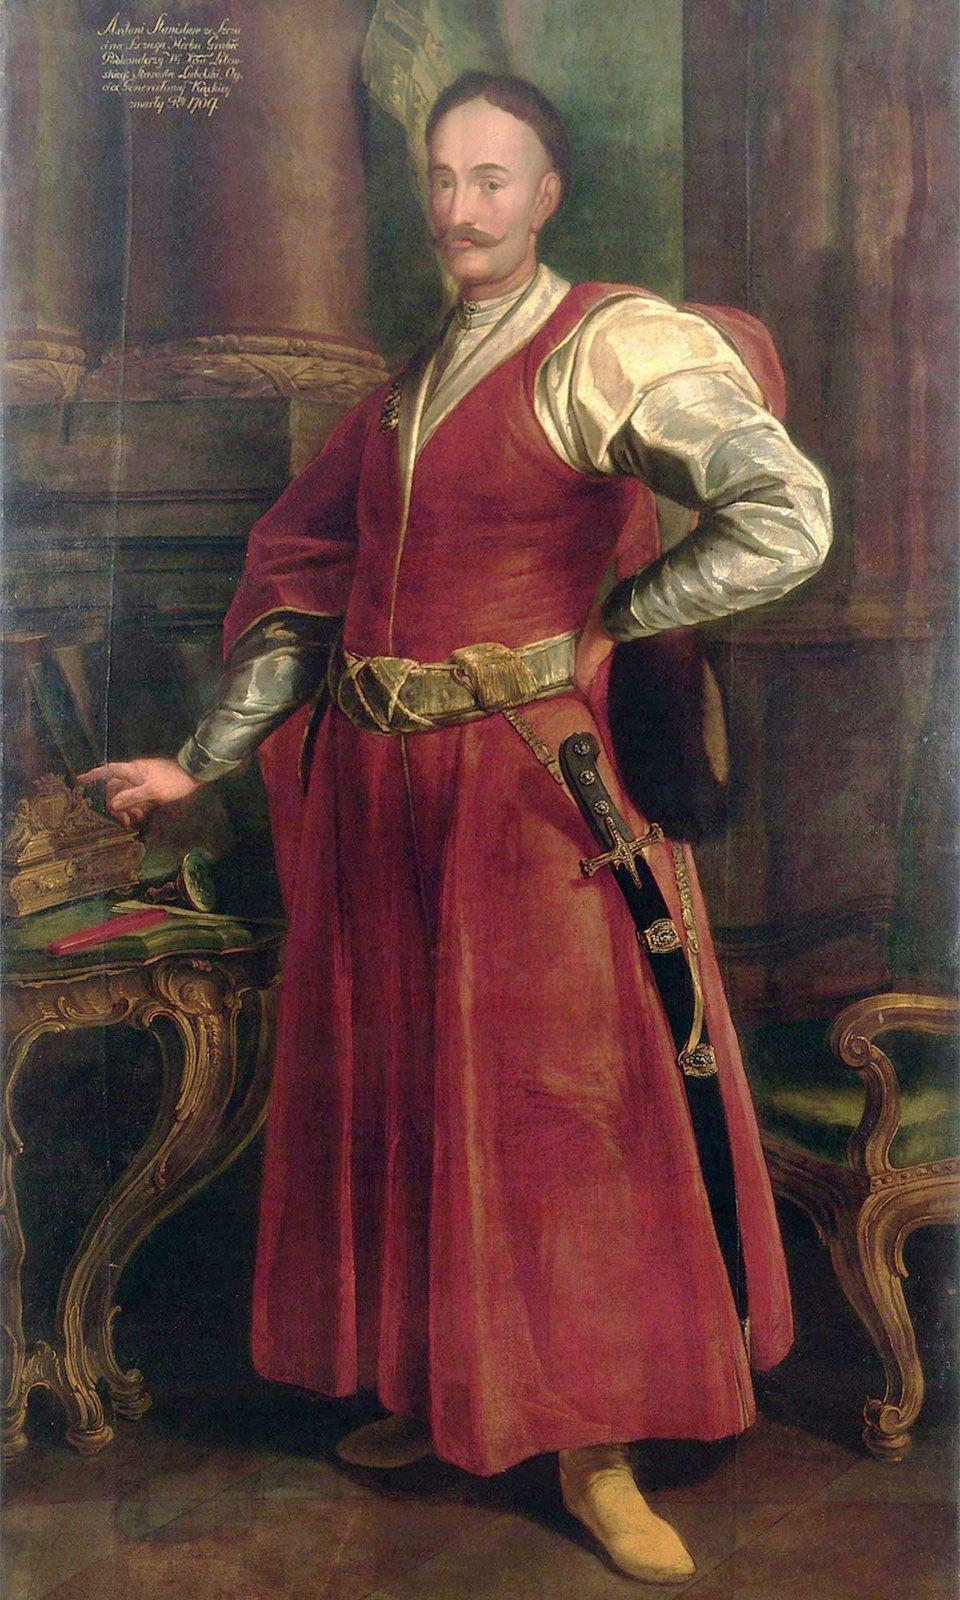 Portret Stanisława Antoniego Szczuki Szlachcic polski Źródło: Portret Stanisława Antoniego Szczuki, ok. 1735-1740, domena publiczna.